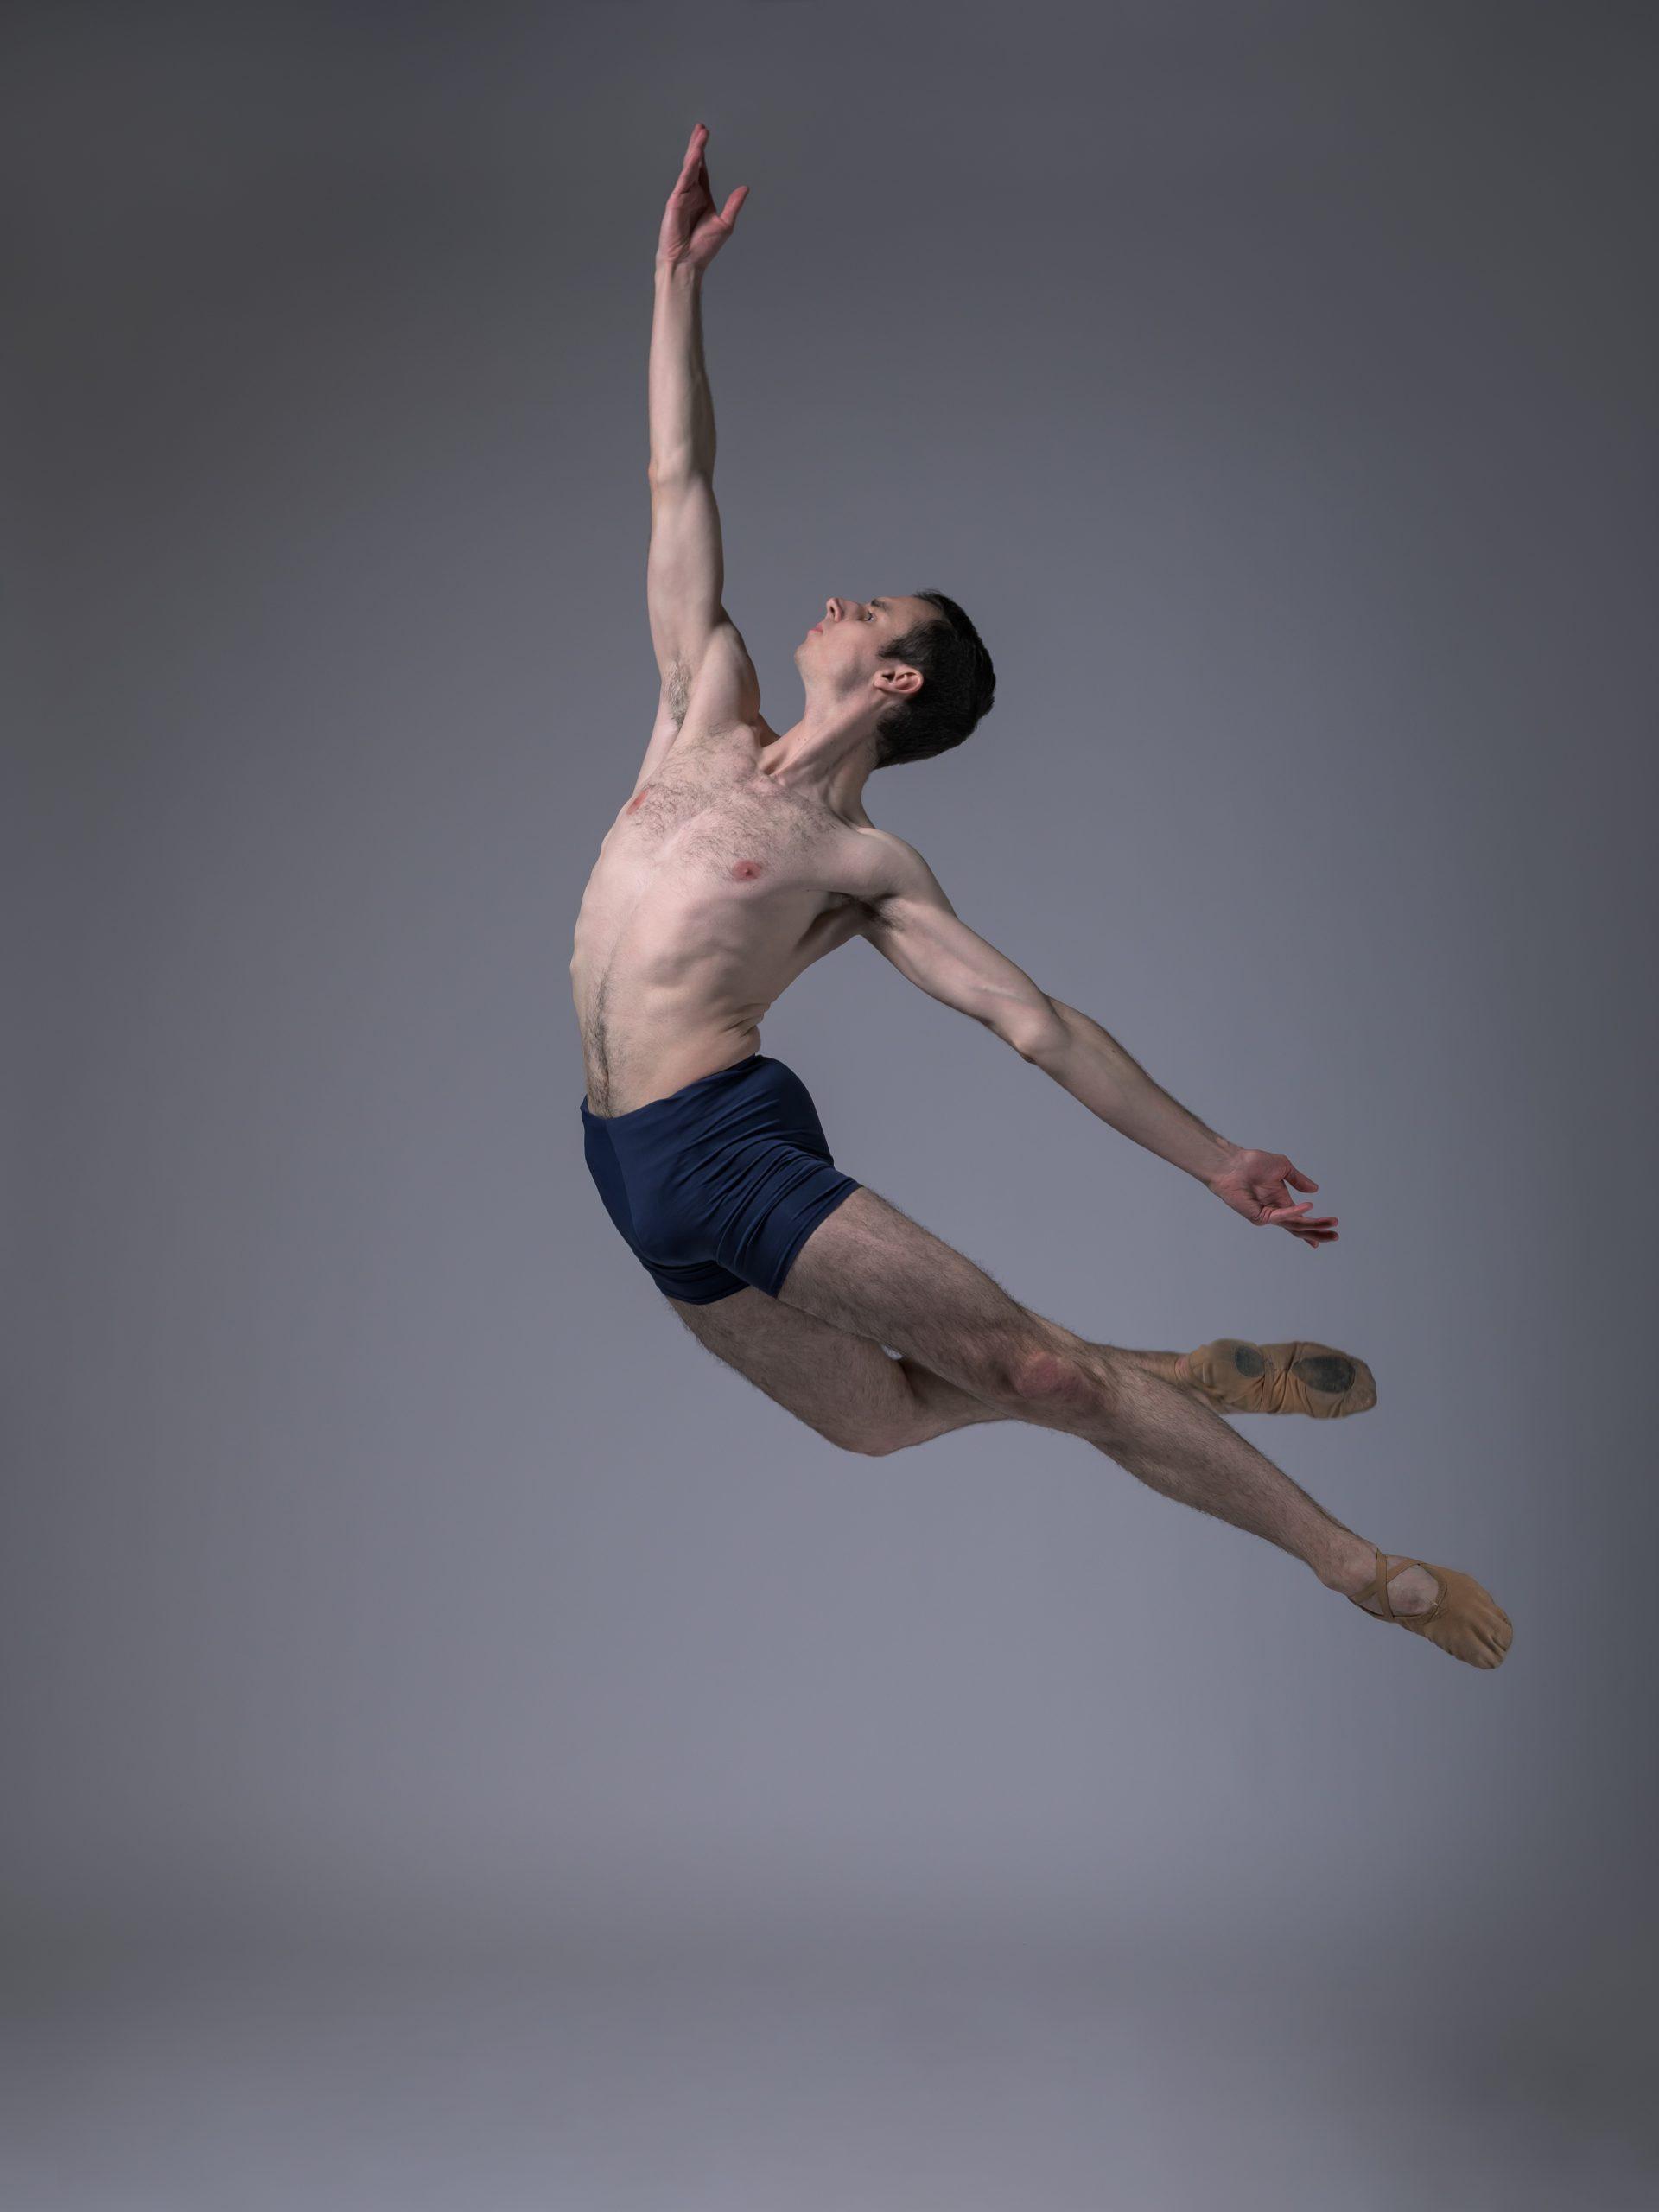 Dillon Perry